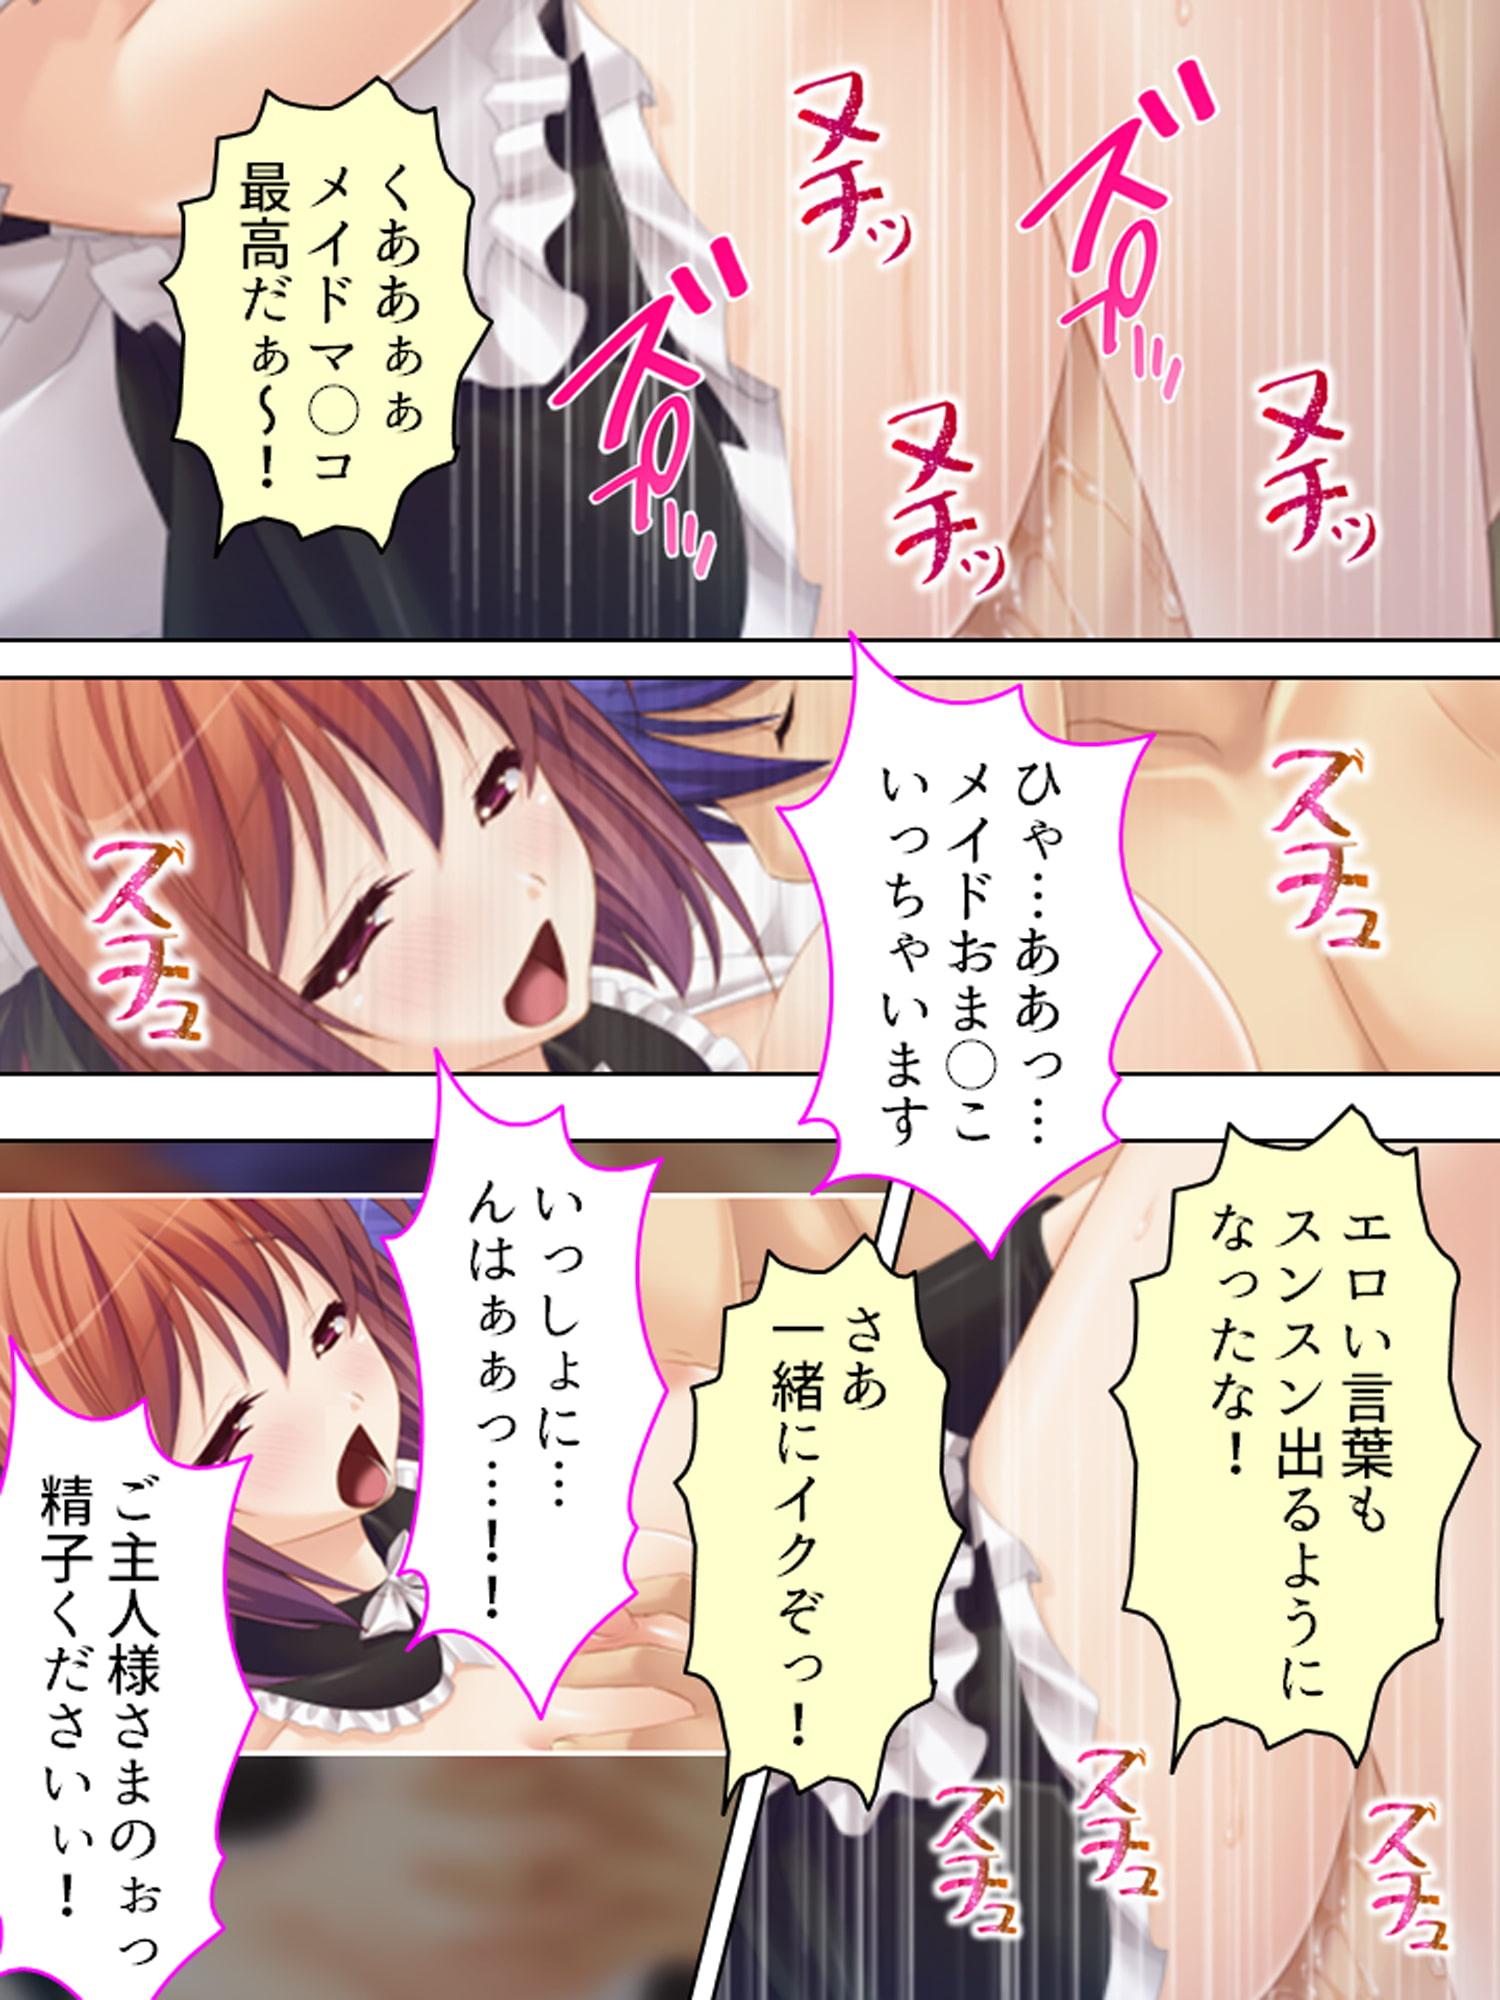 16話分 人気絵師パック[綾瀬はづき]vol.1(悶々堂)